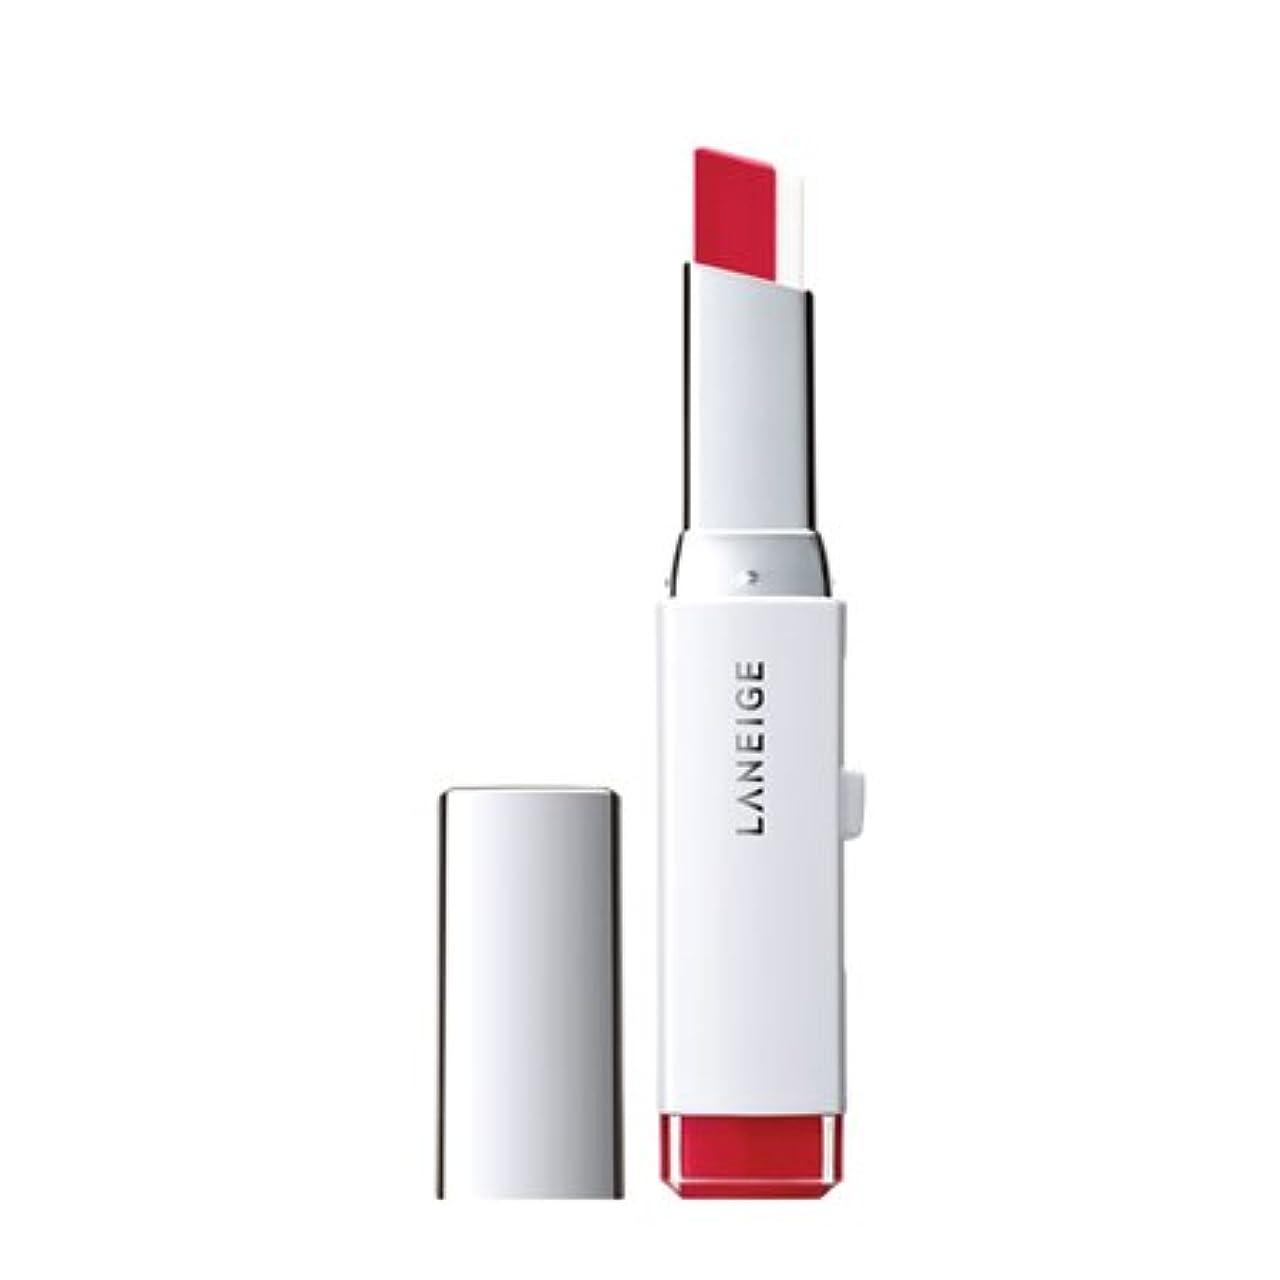 ラネージュ(LANEIGE)ツートーンリップバー(Two tone lip bar)2g カラー:4号 ミルクブローリング